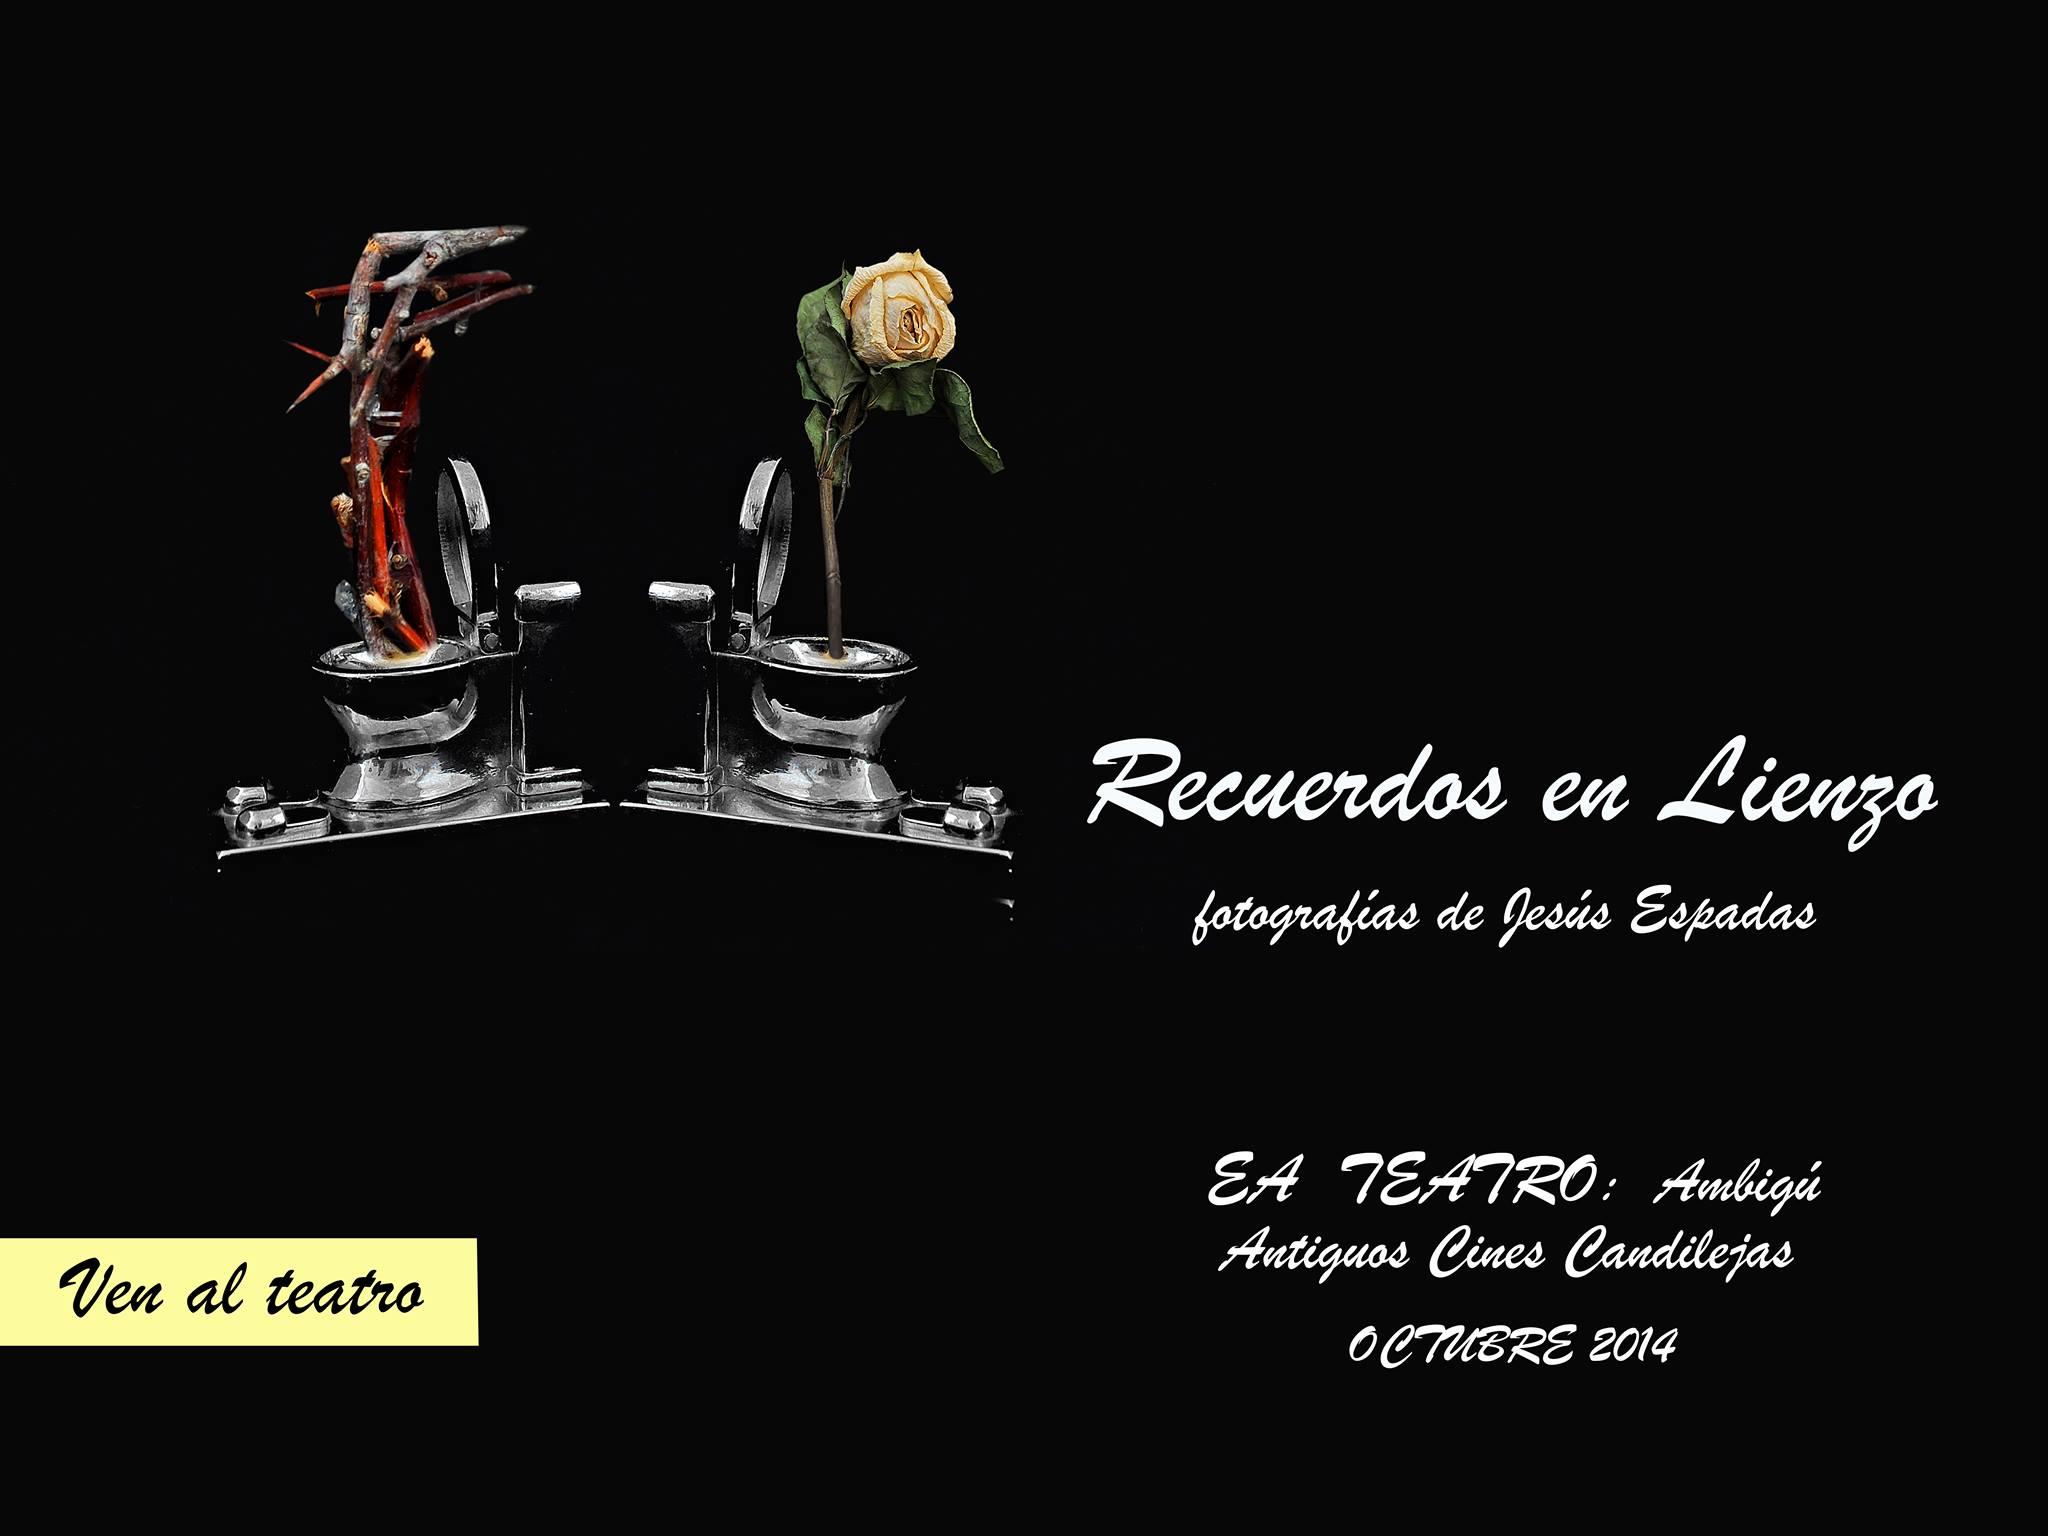 Exposición fotográfica: «Recuerdos en lienzo» de Jesús Espadas